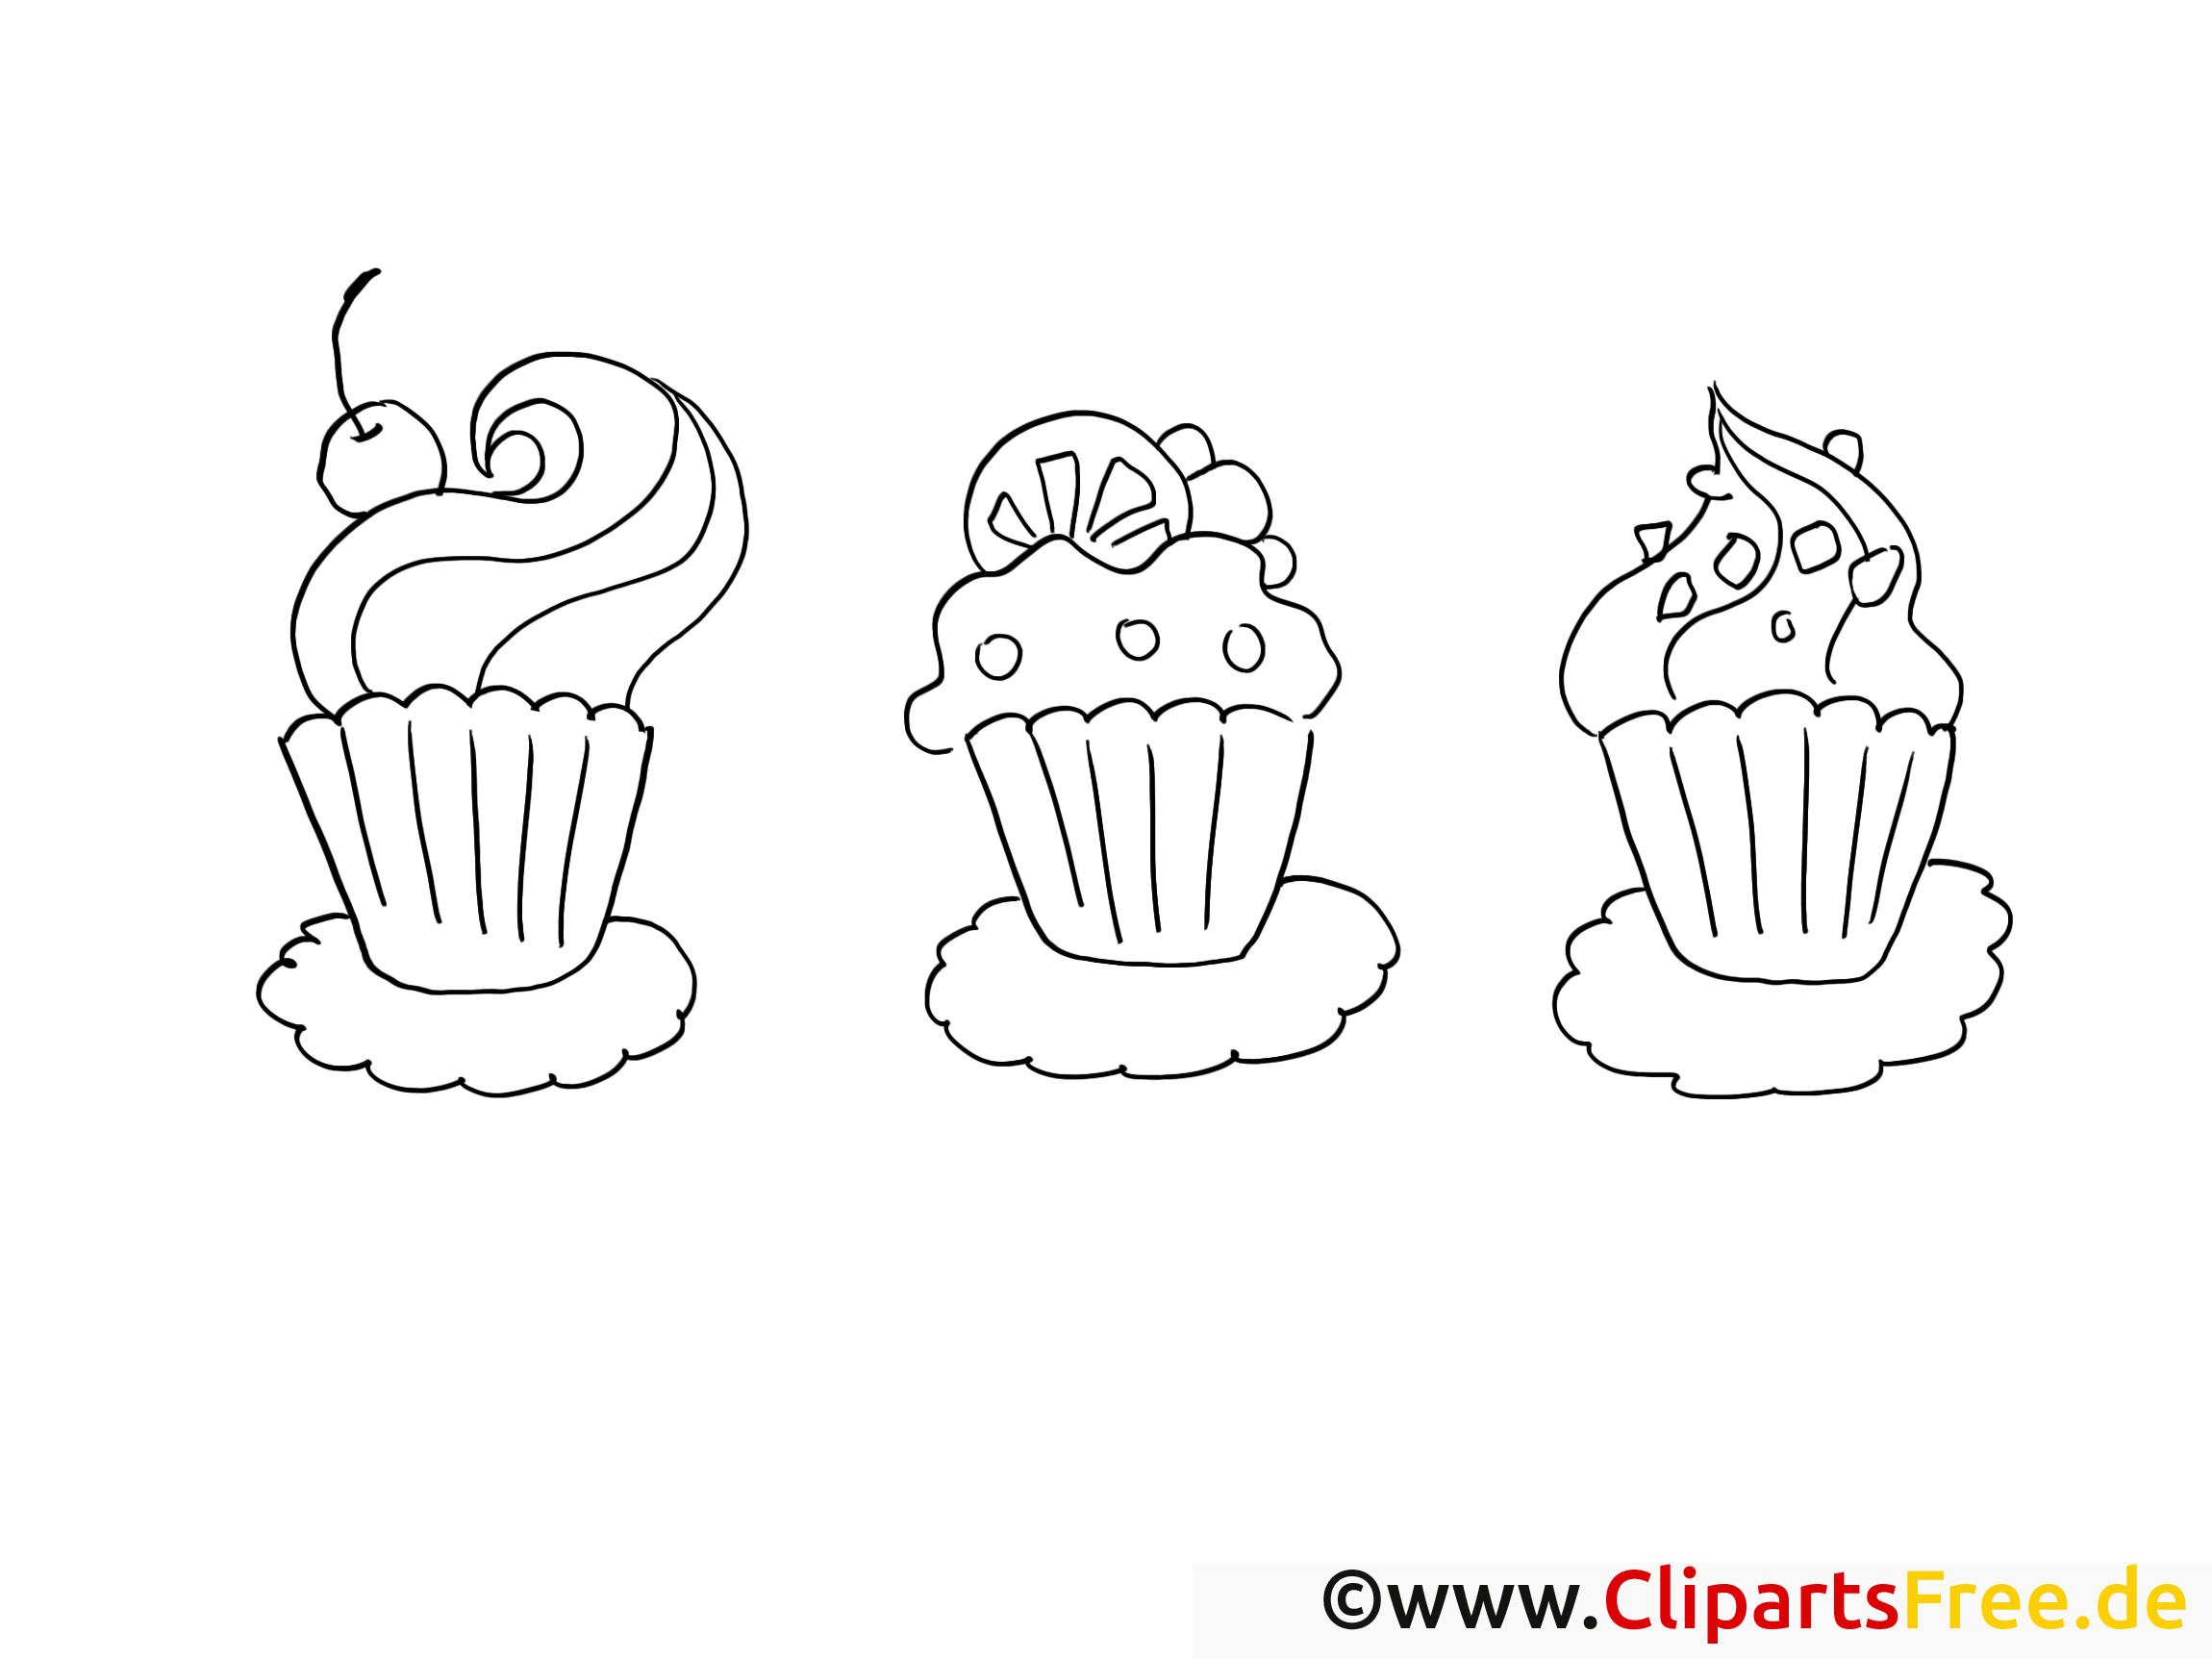 Kostenlose Malvorlagen  Süßigkeiten Malvorlagen und kostenlose Ausmalbilder